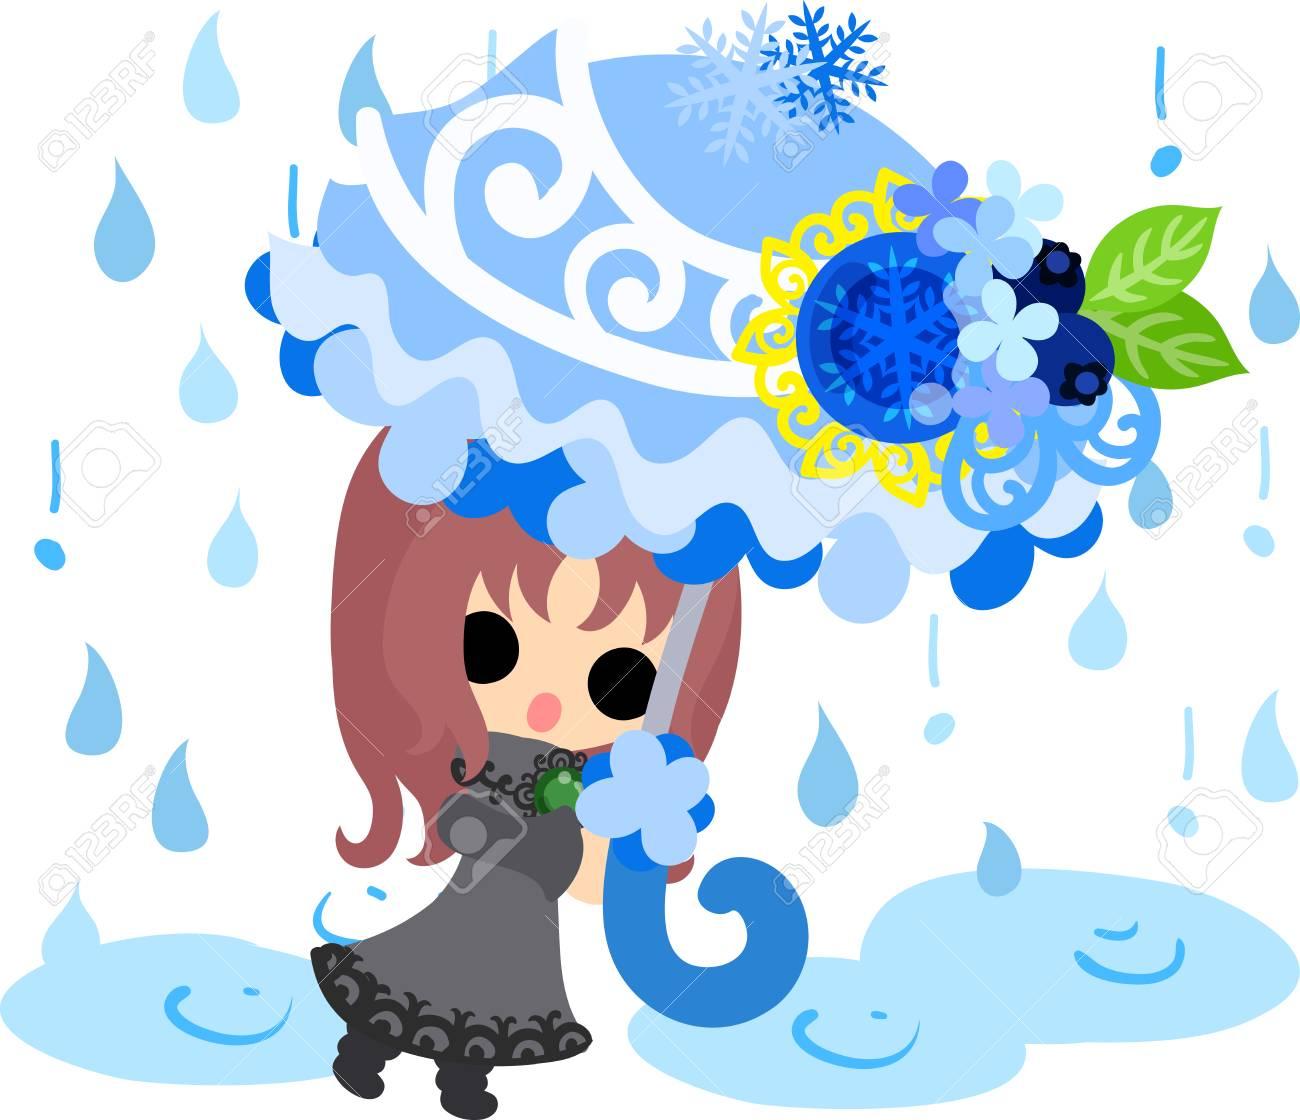 冬と女の子冬雨 のかわいいイラストのイラスト素材ベクタ Image